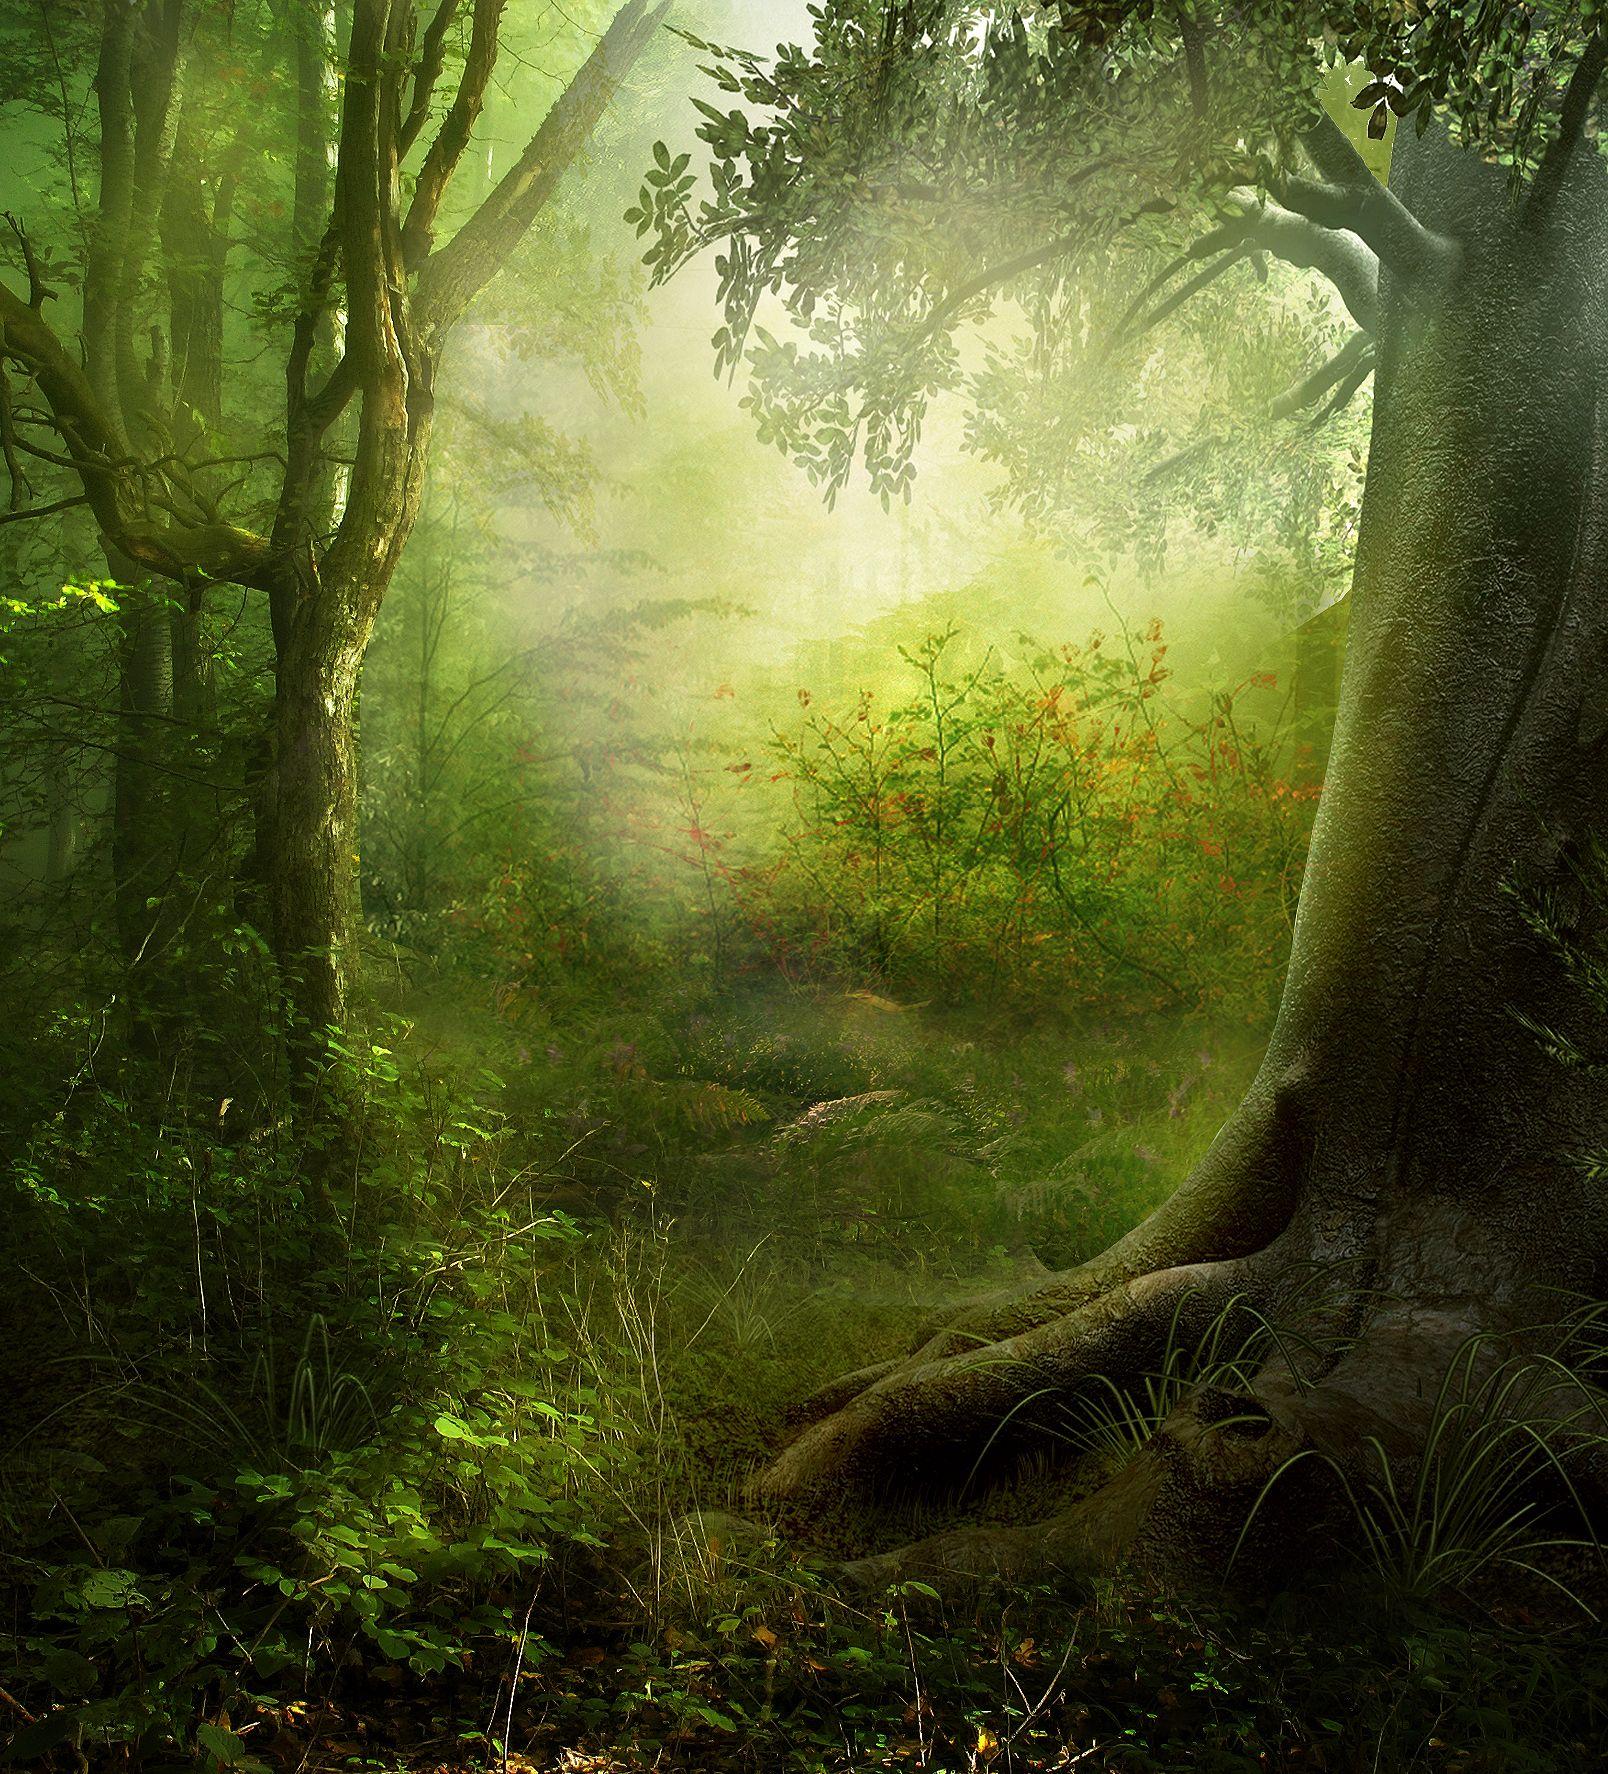 Сказочный лес картинки для фотошопа, открытка сделать